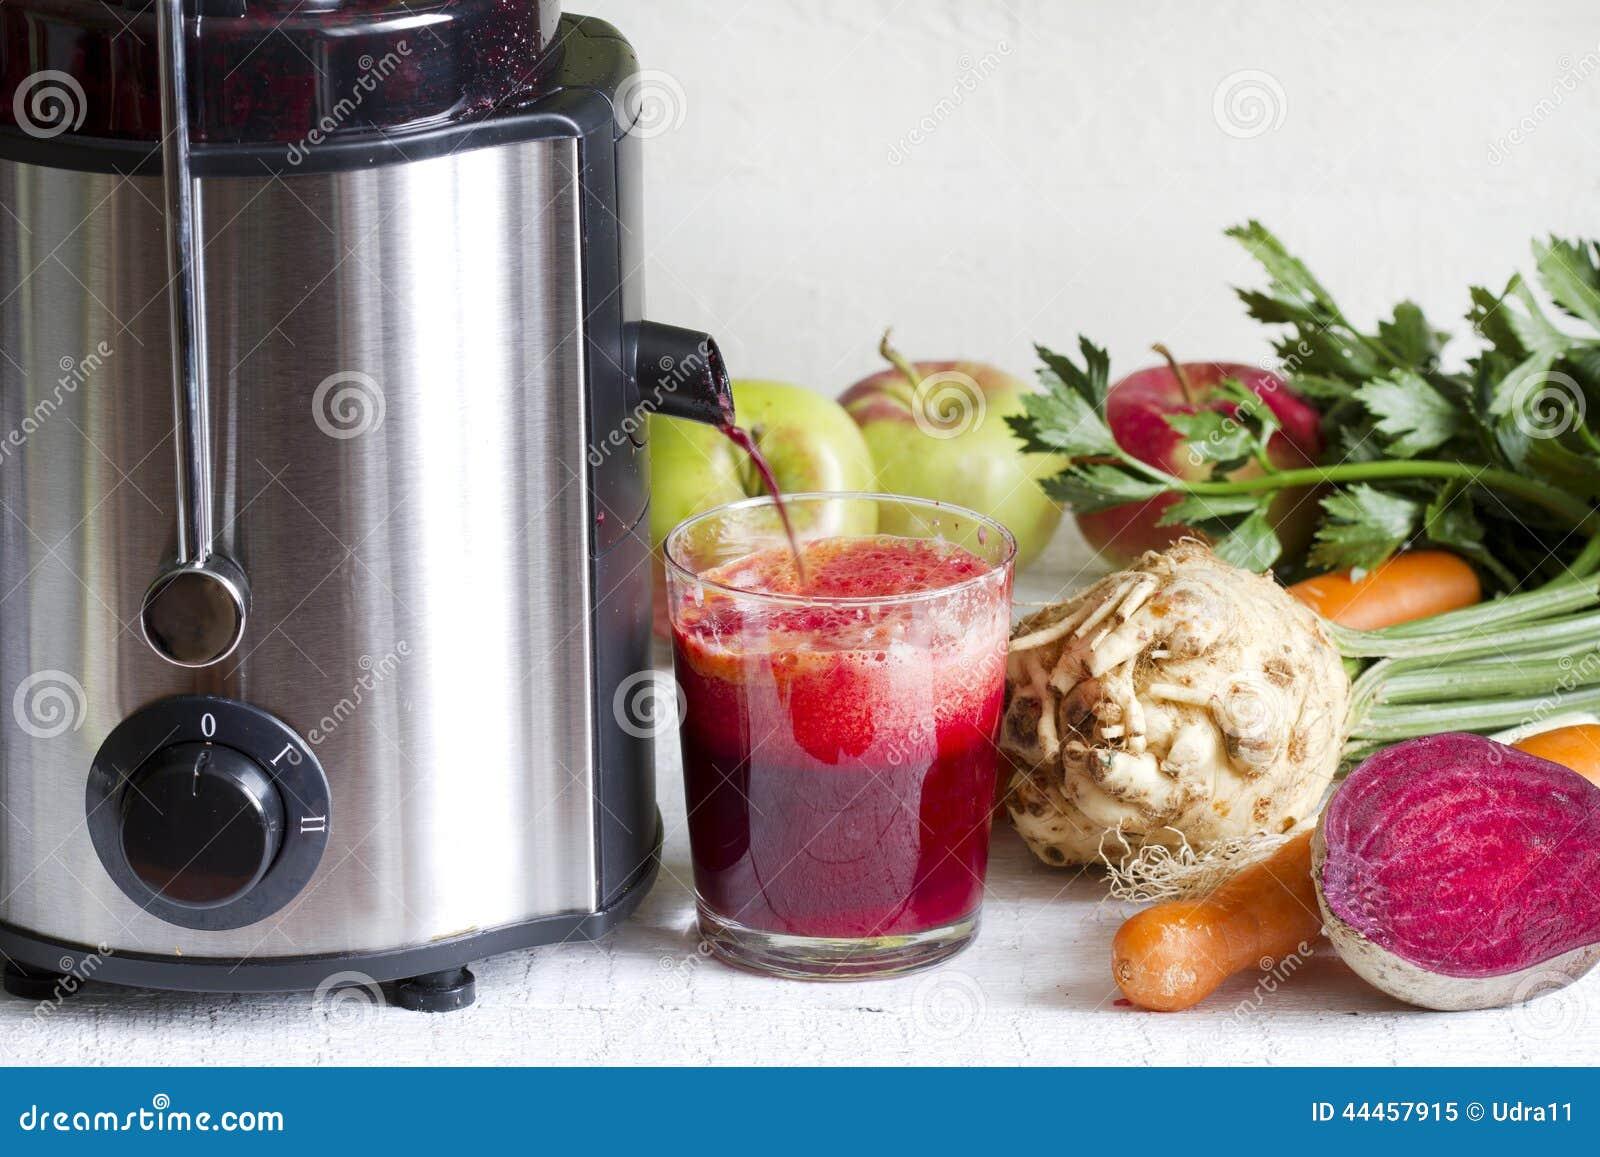 presse fruits et jus avec des fruits frais et des l gumes photo stock image 44457915. Black Bedroom Furniture Sets. Home Design Ideas